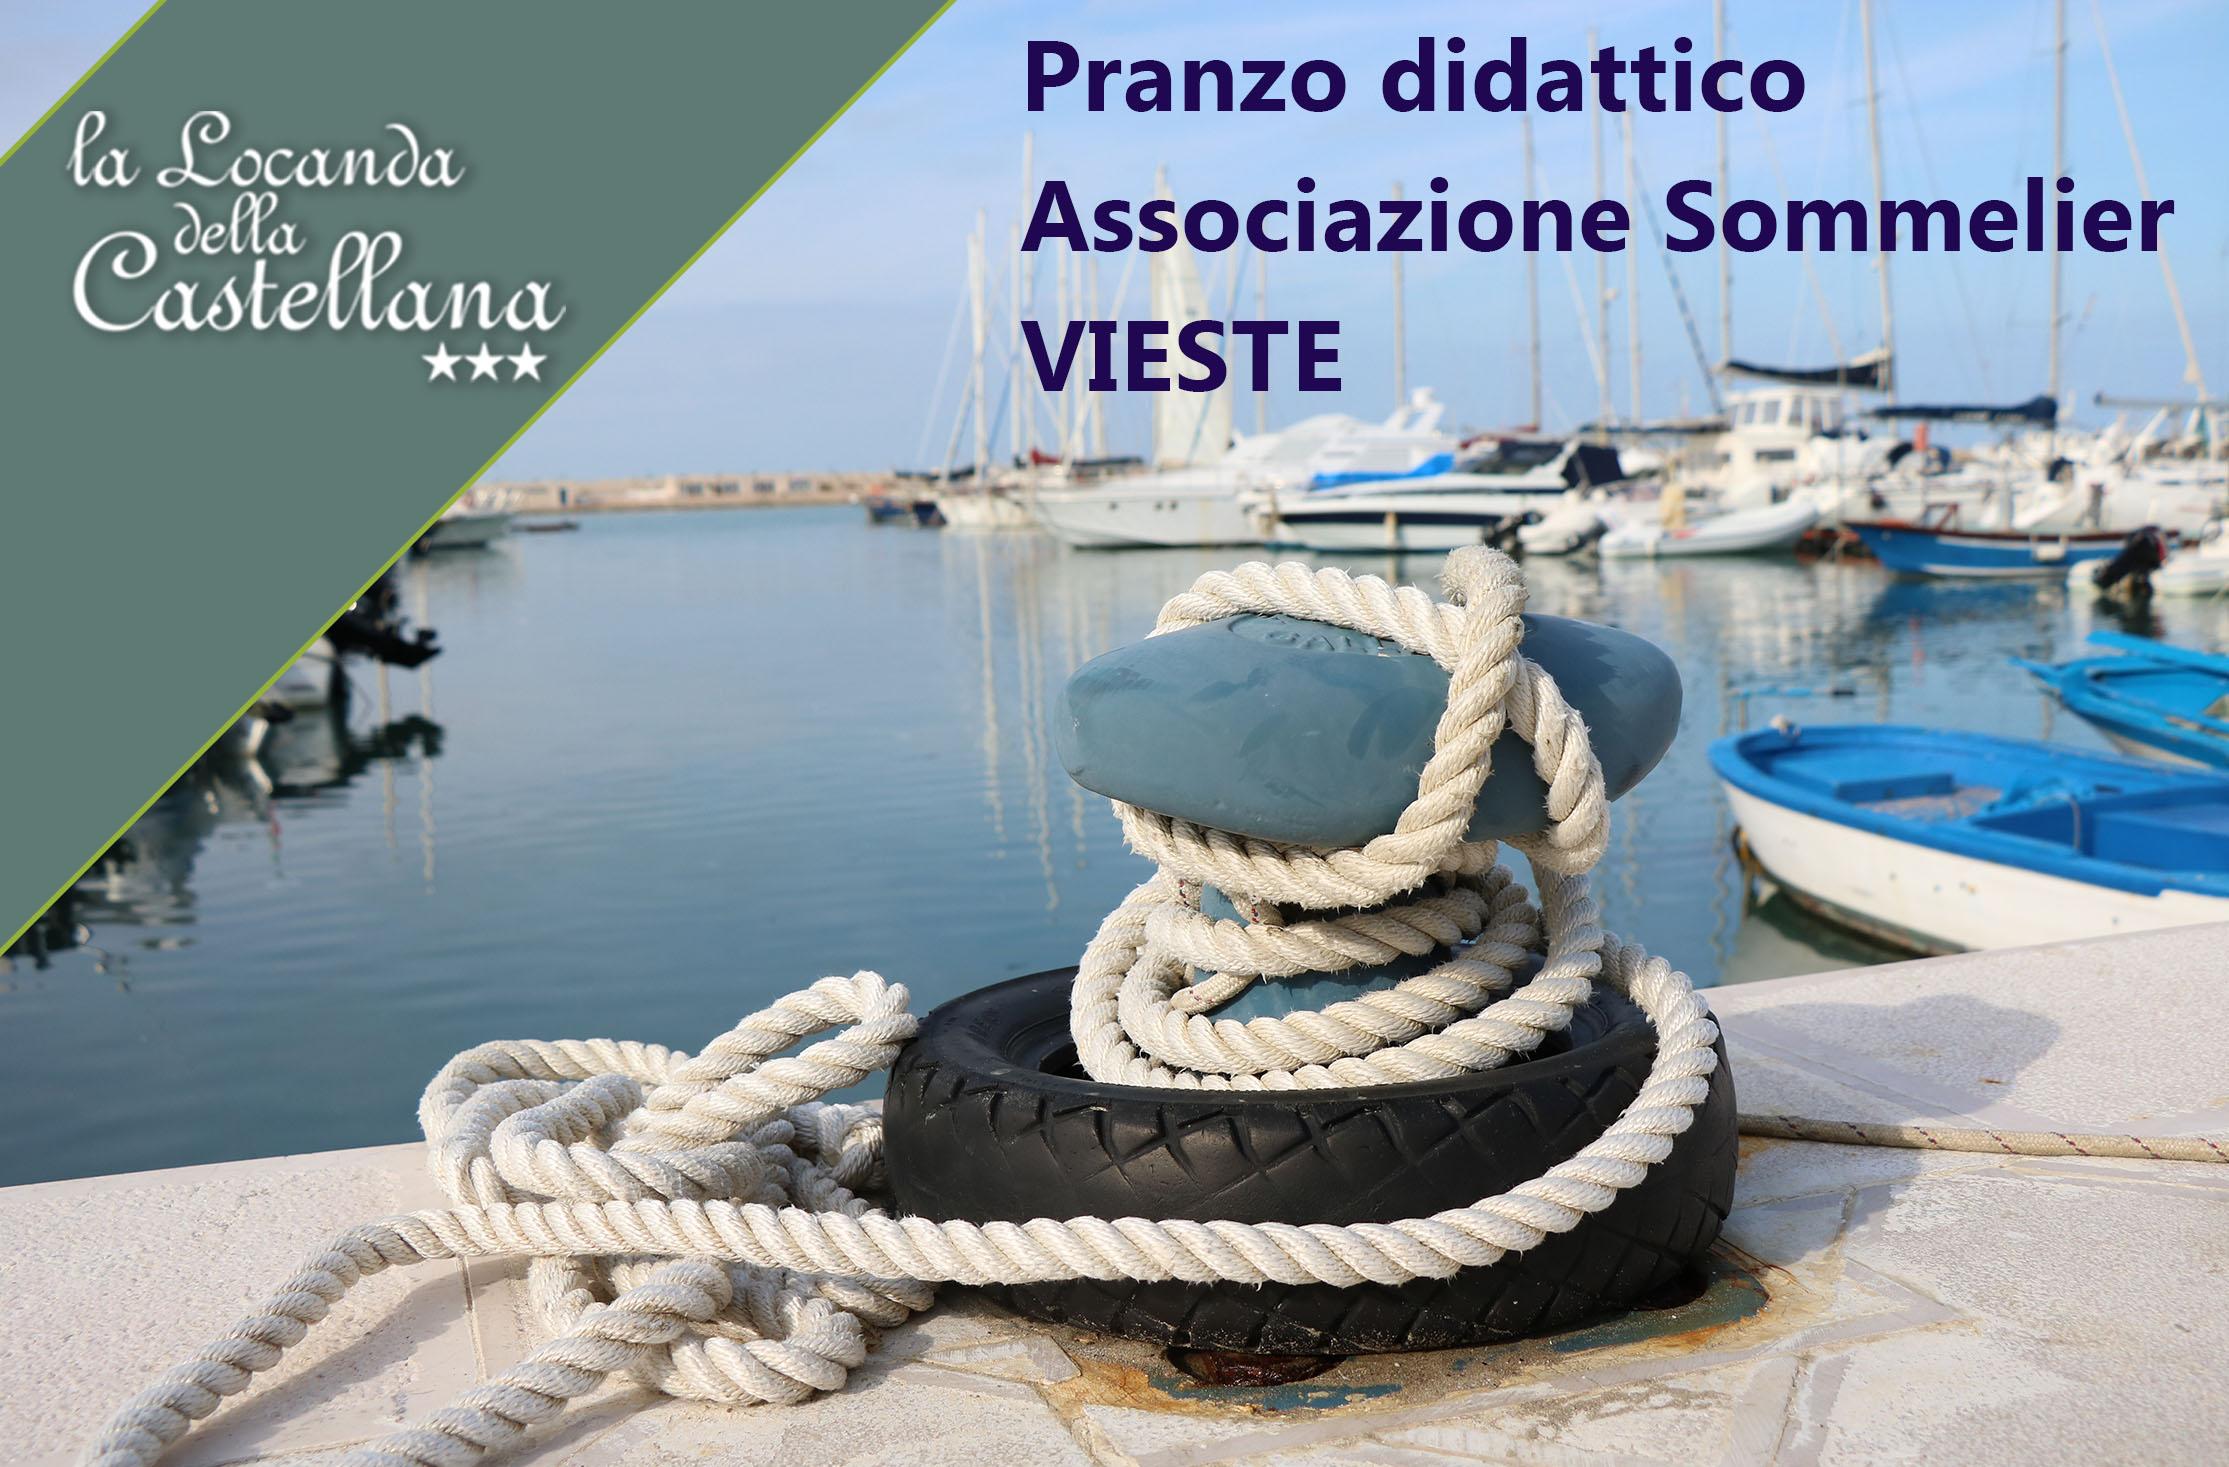 Associazione sommelier Vieste